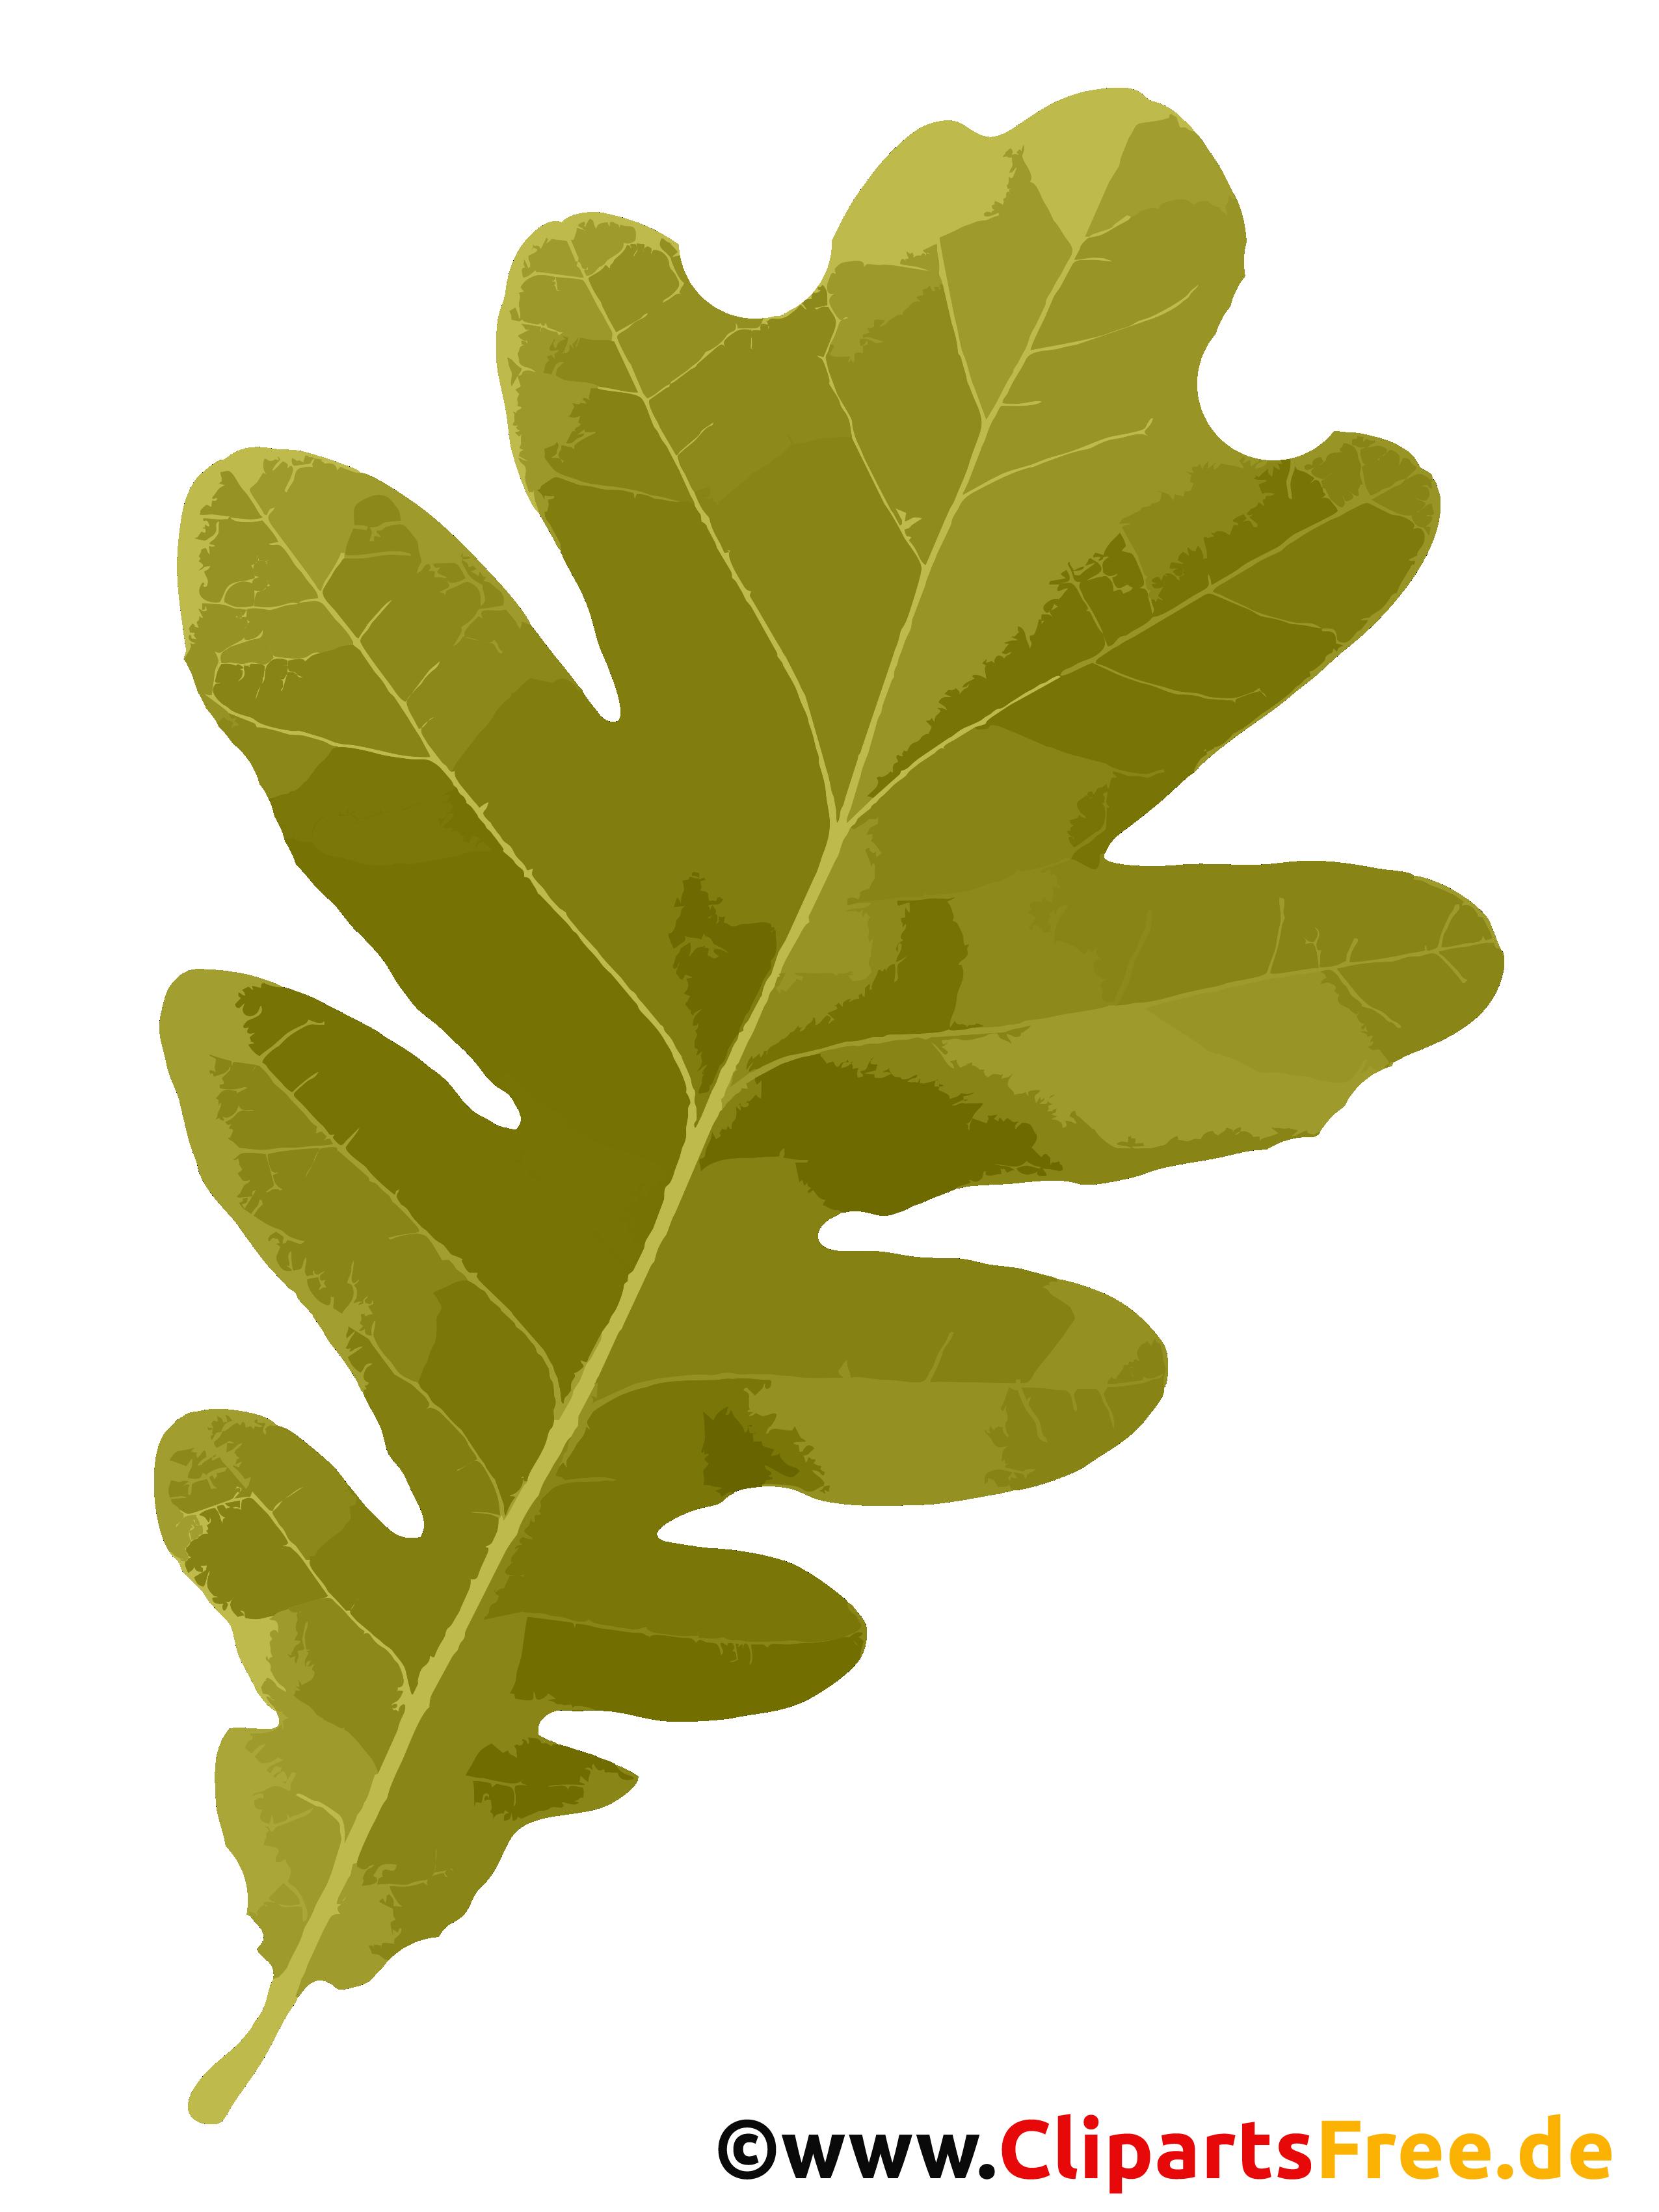 Eichenblatt im Herbst Clipart kostenlos